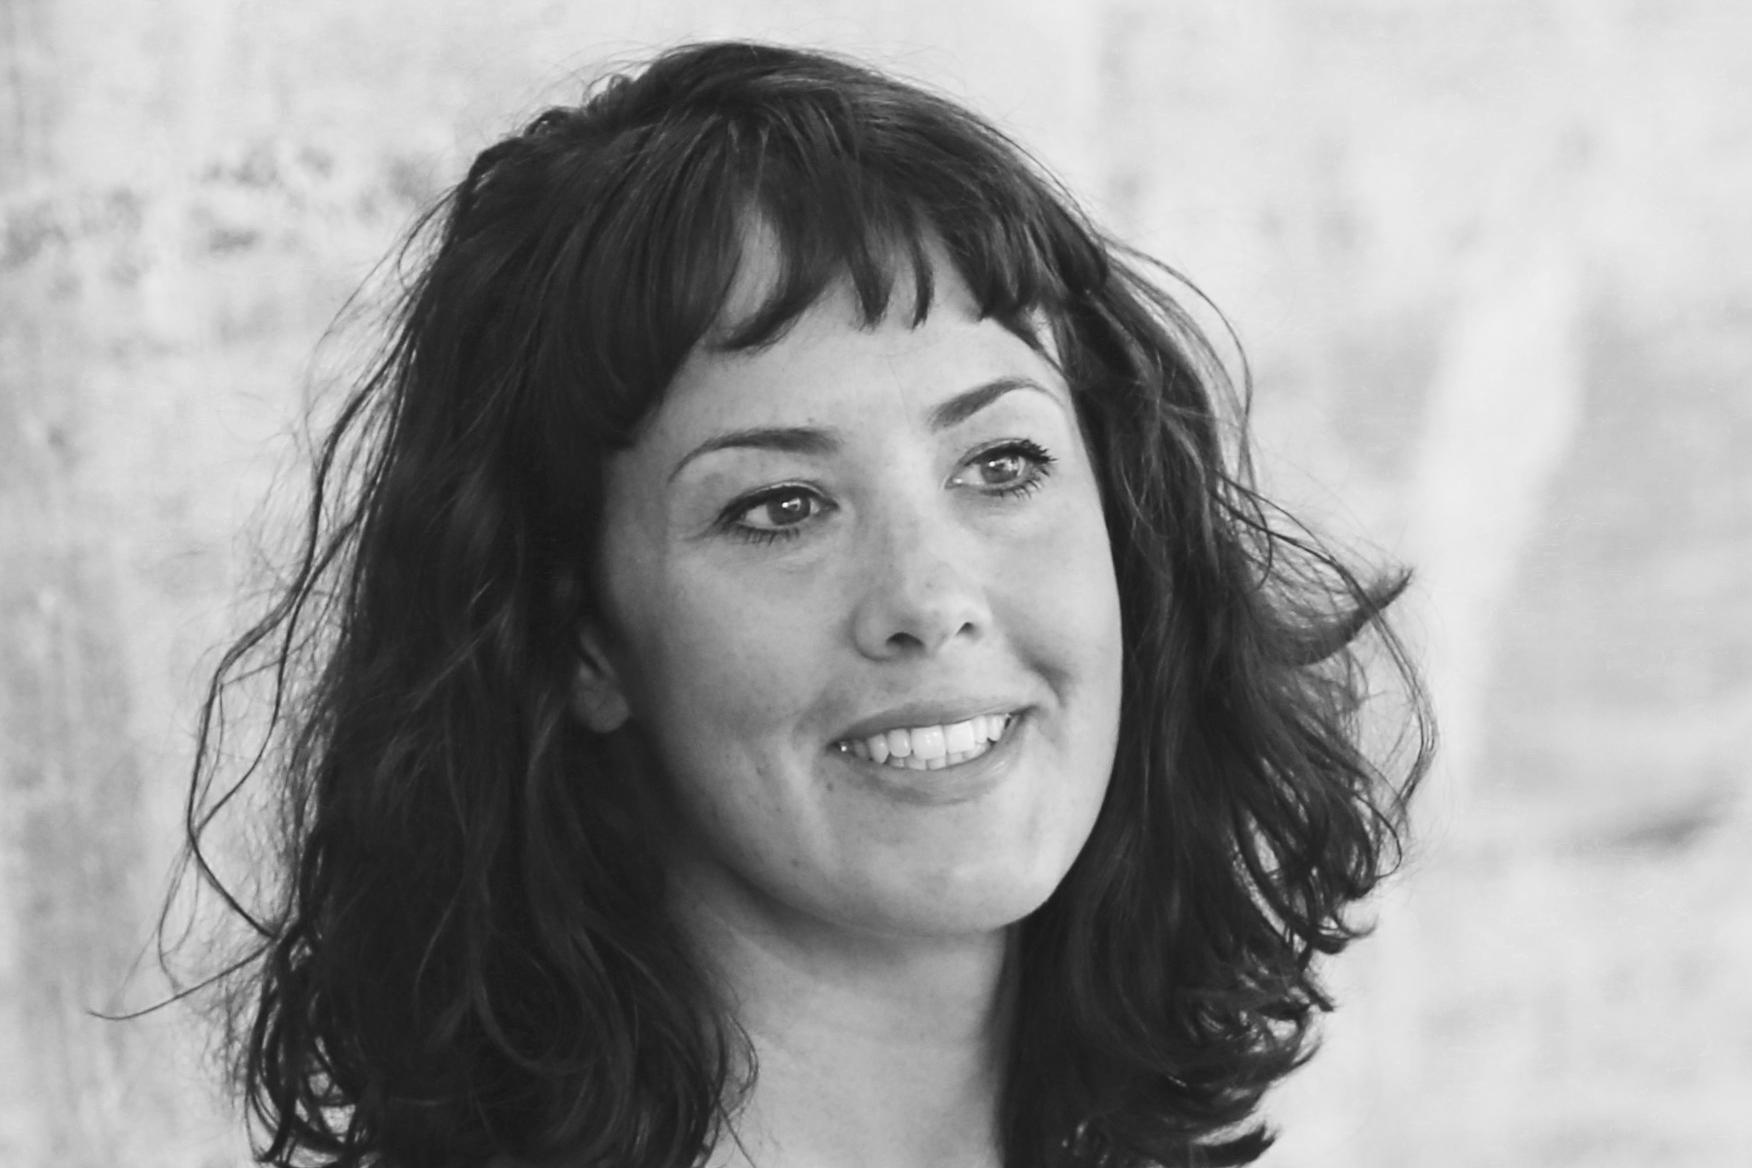 wonderful einfache dekoration und mobel interview mit valerie zilch #1: Portrait Valerie Zilch